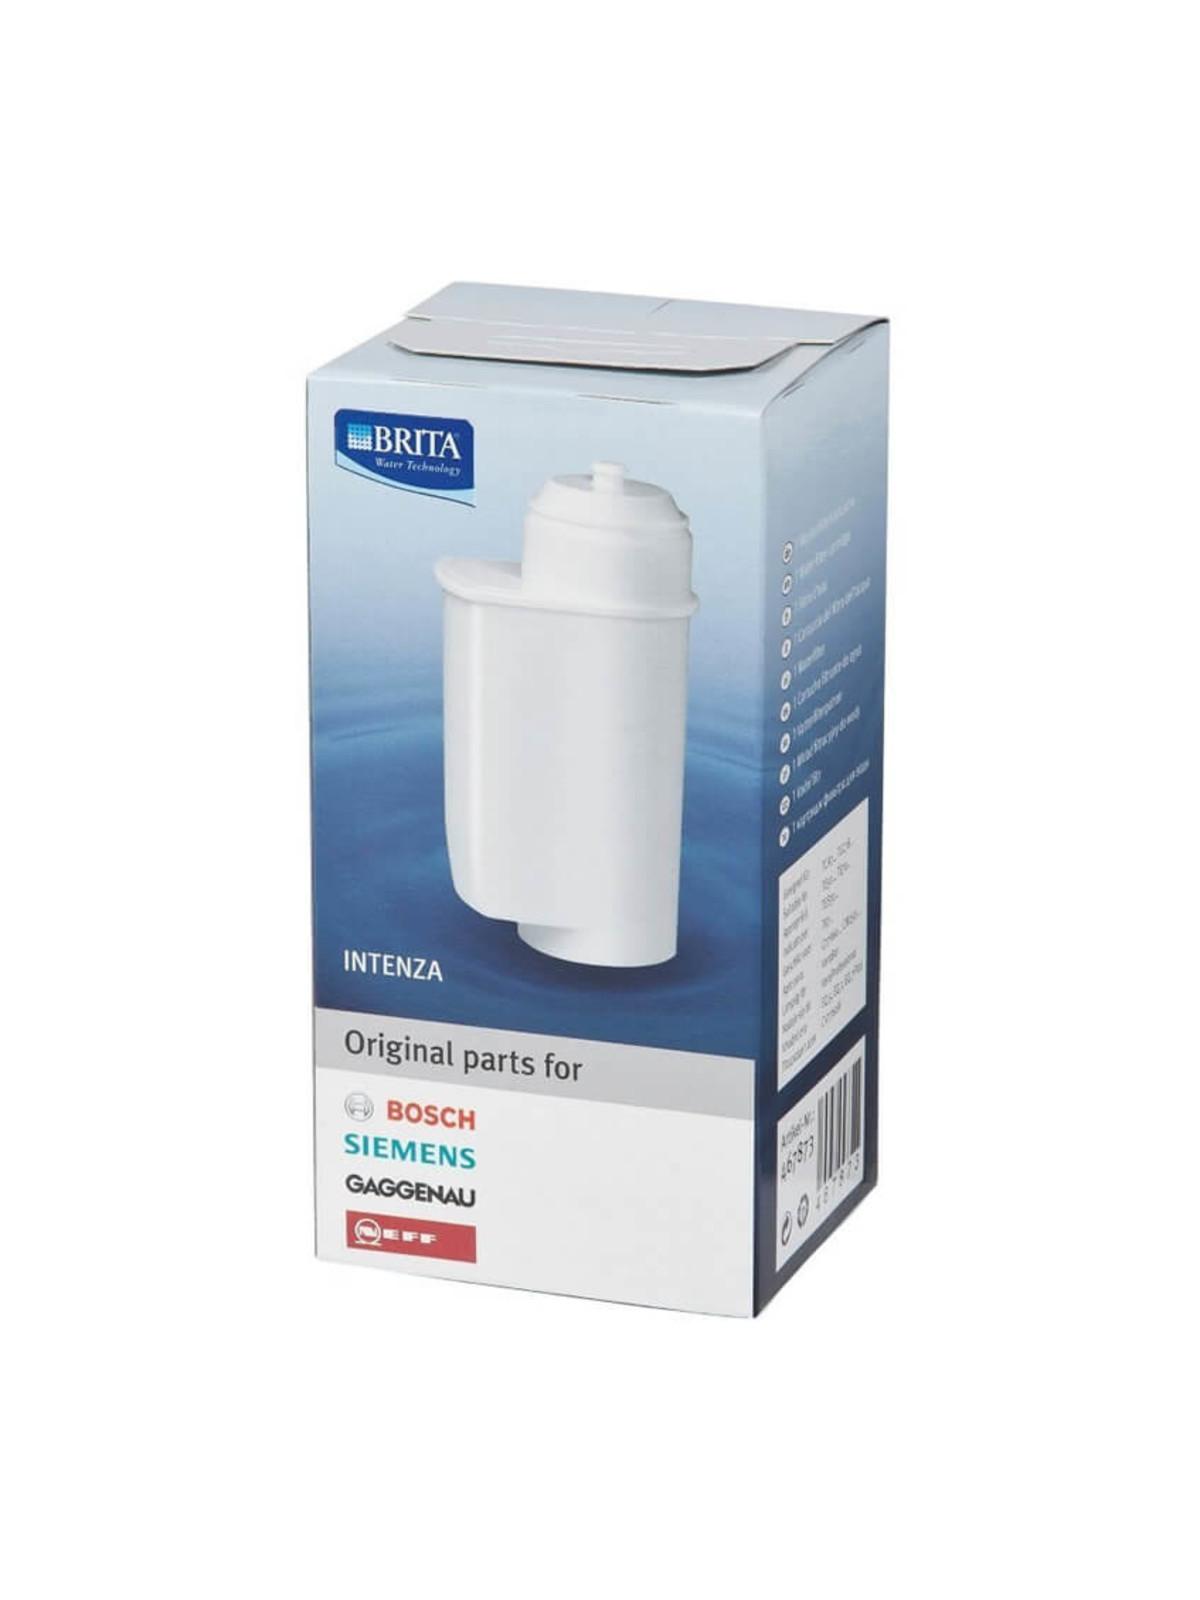 SIEMENS - BOSCH Brita Intenza Waterfilter